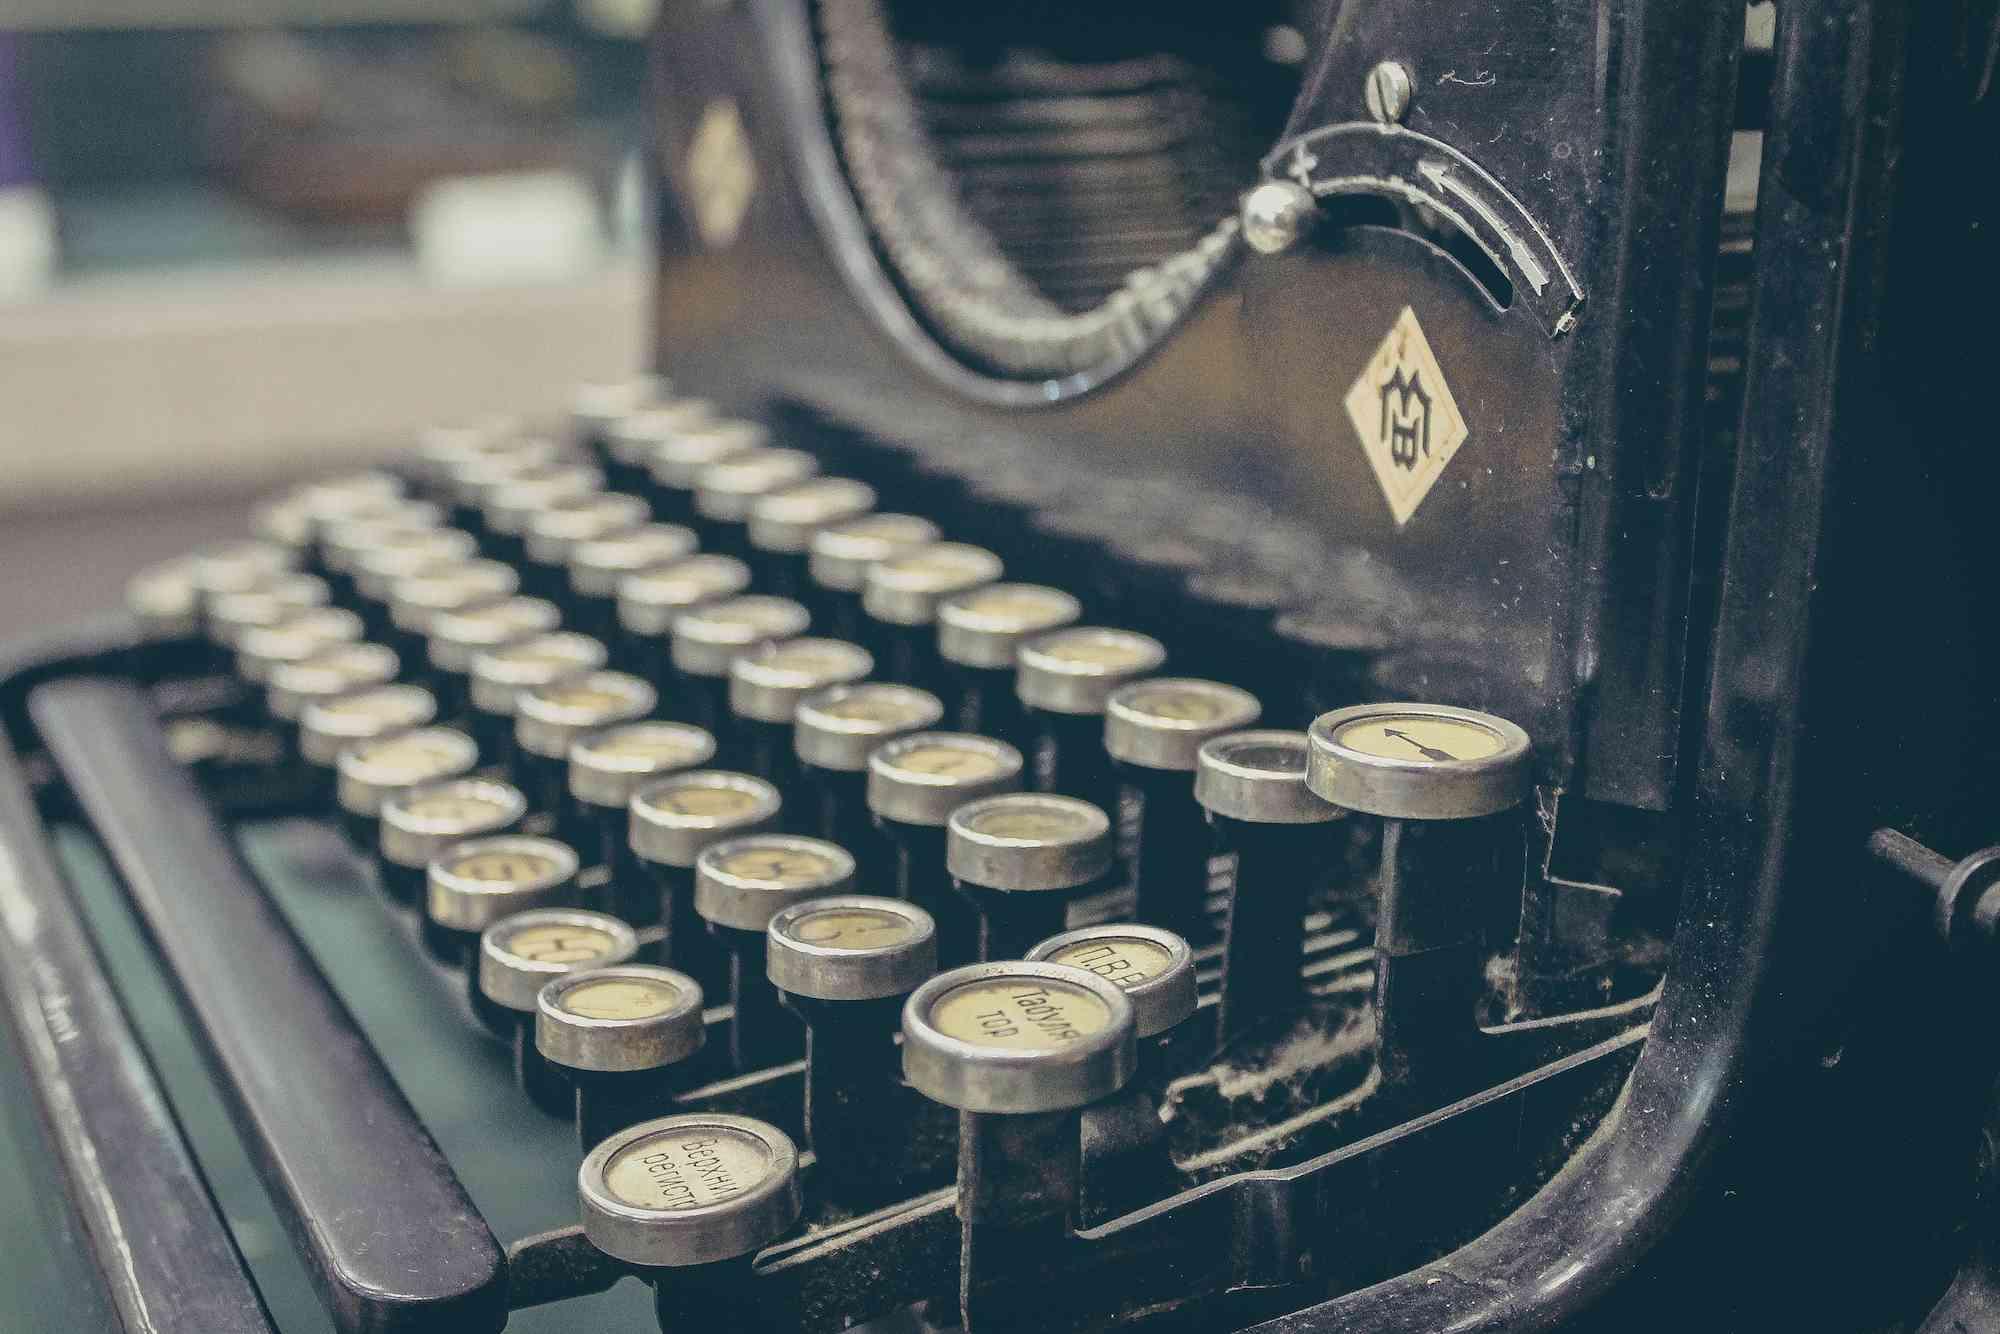 sergey-zolkin-typewriter-web